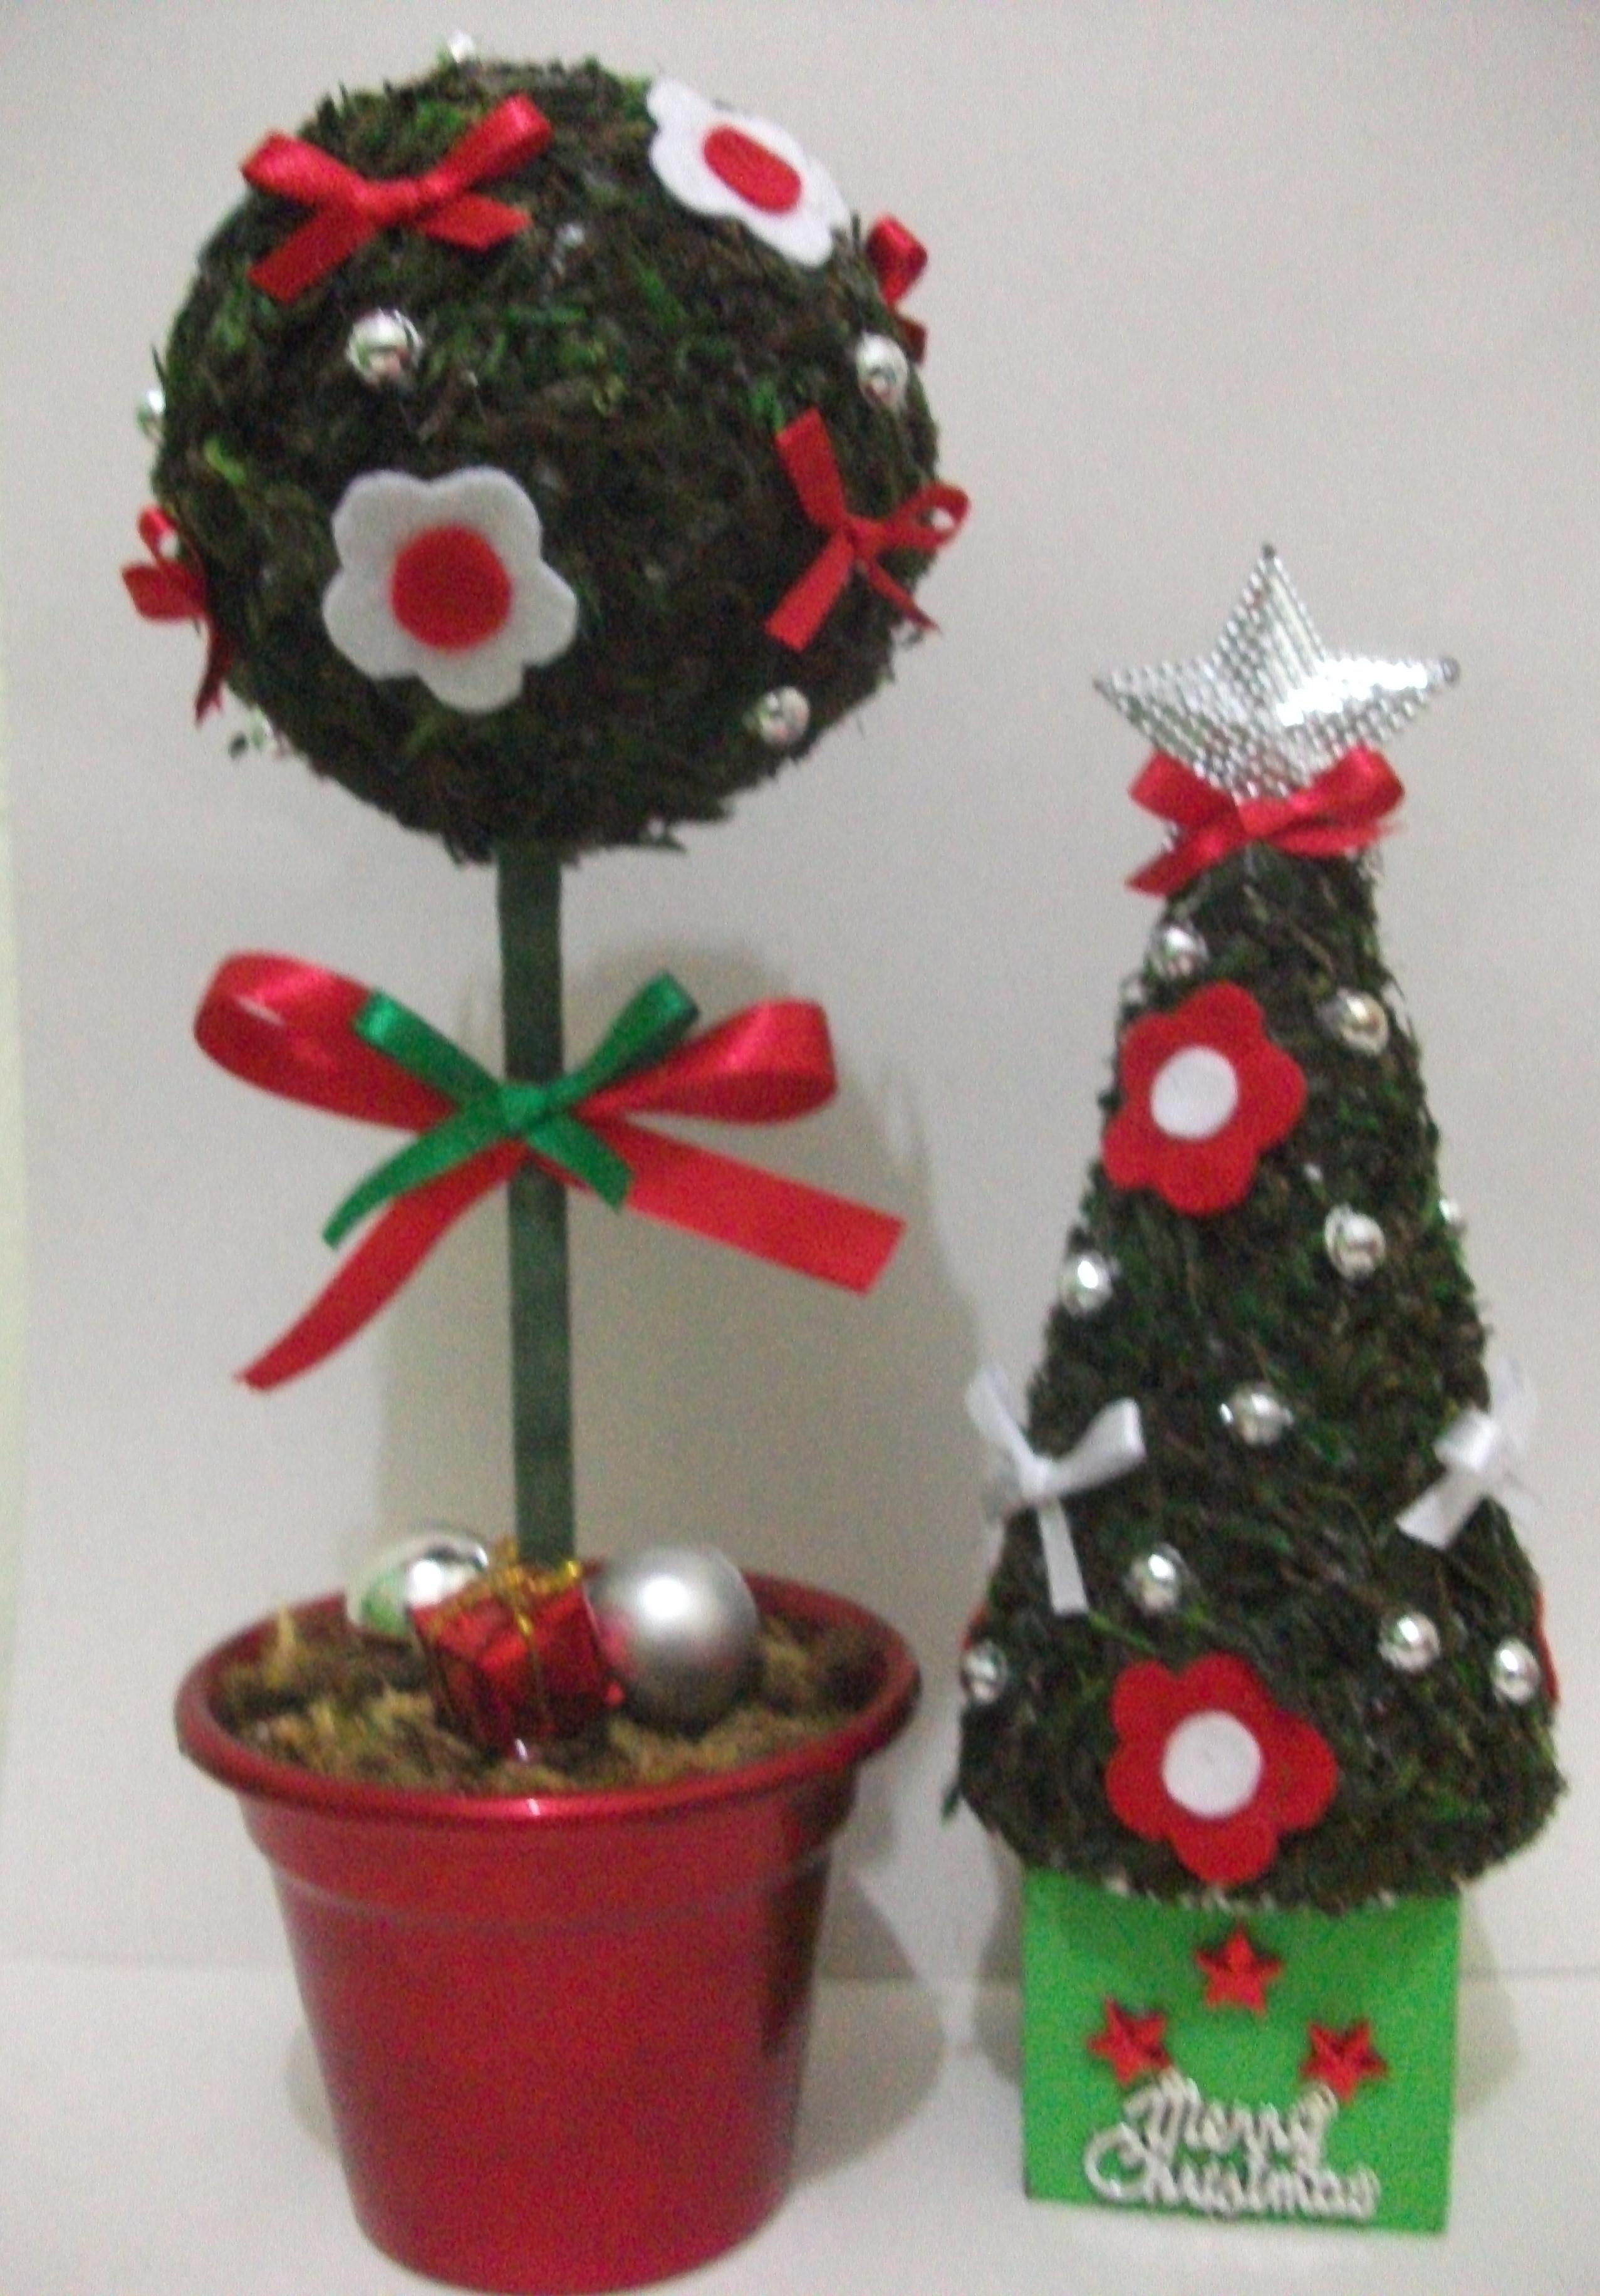 decoracao de arvore de natal tradicional:topiaria arvore de natal topiaria arvore de natal